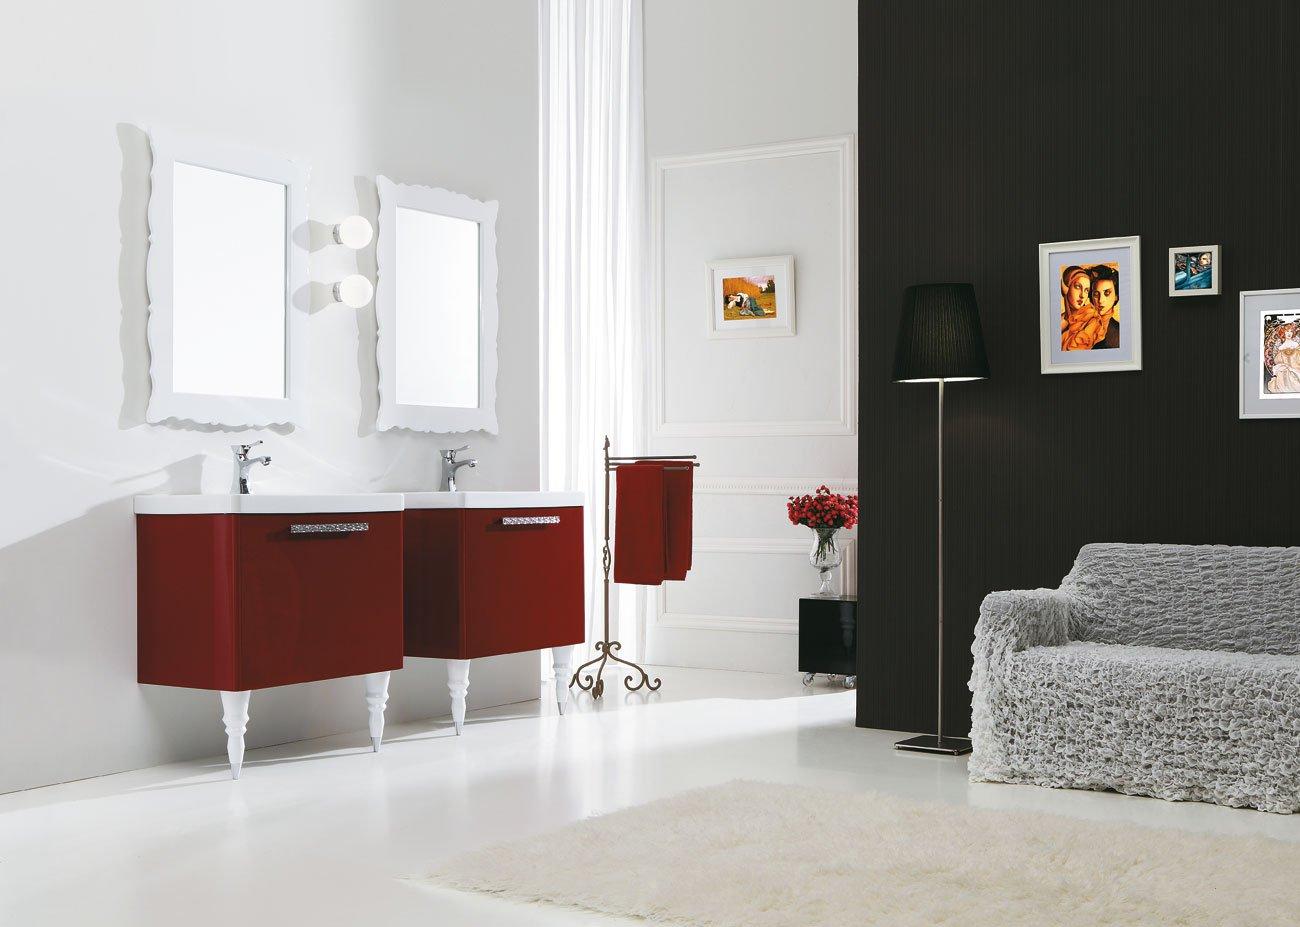 dafnedesign.com Juego de muebles de baño con cajones 2 lavabos y 2 espejos con luces